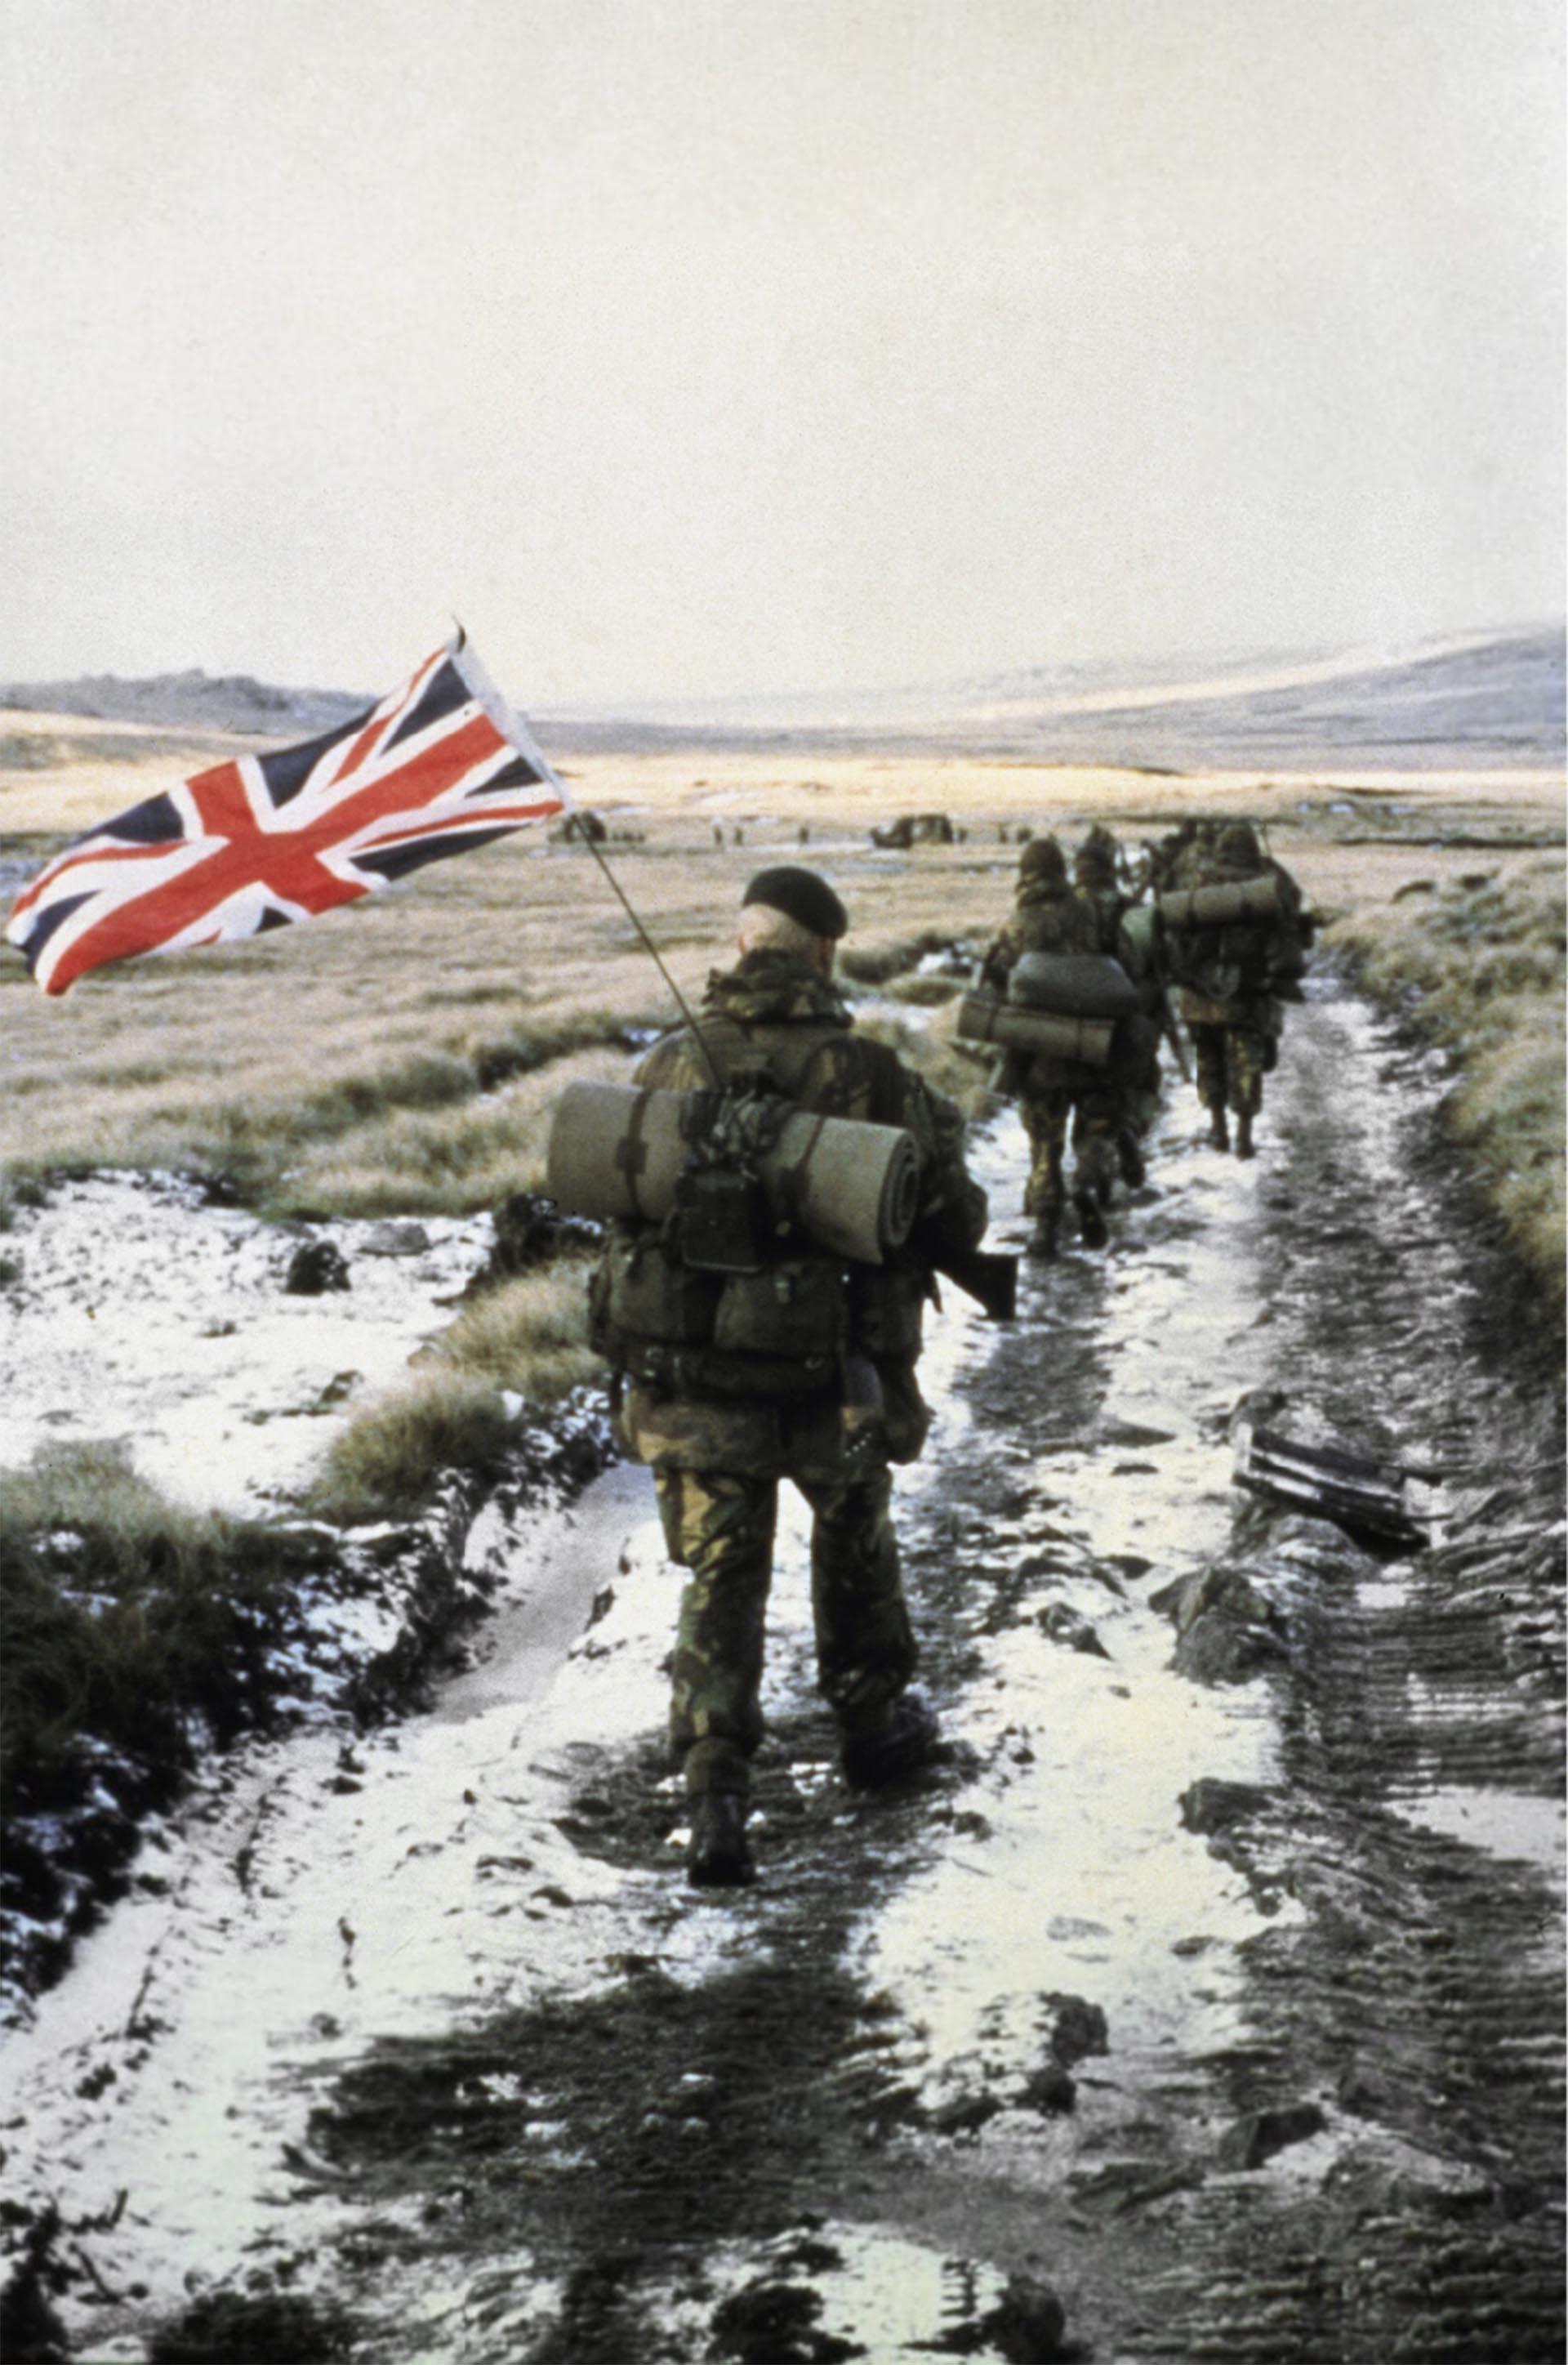 El infante de la Marina Real, Peter Robinson, marcha hacia Puerto Argentino con la bandera de su país atada a la antena del equipo de radio (Imperial War Museums)